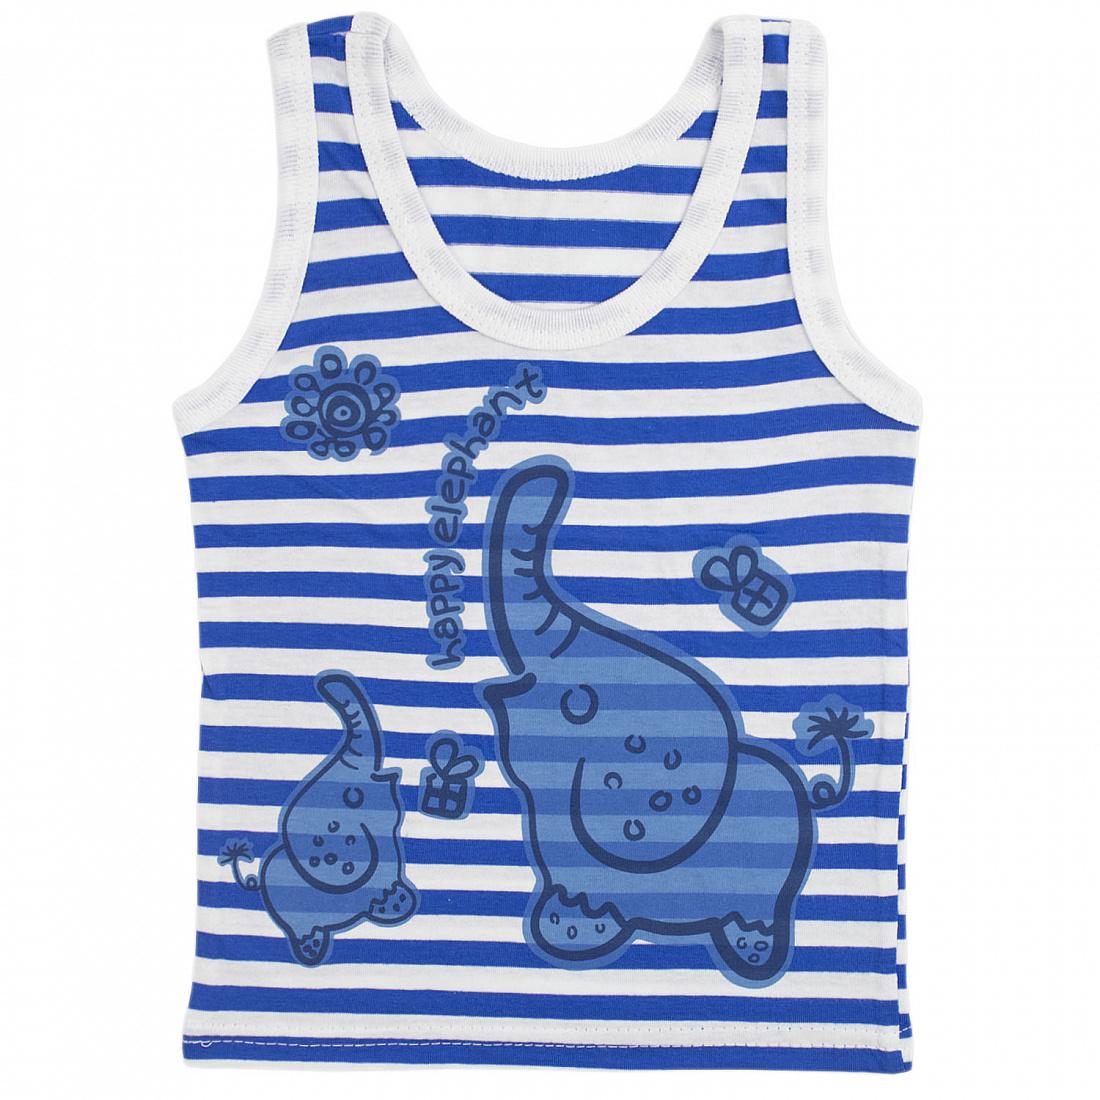 Купить 022КПА, Майка детская Юлла, цв. синий р. 80, Детские футболки